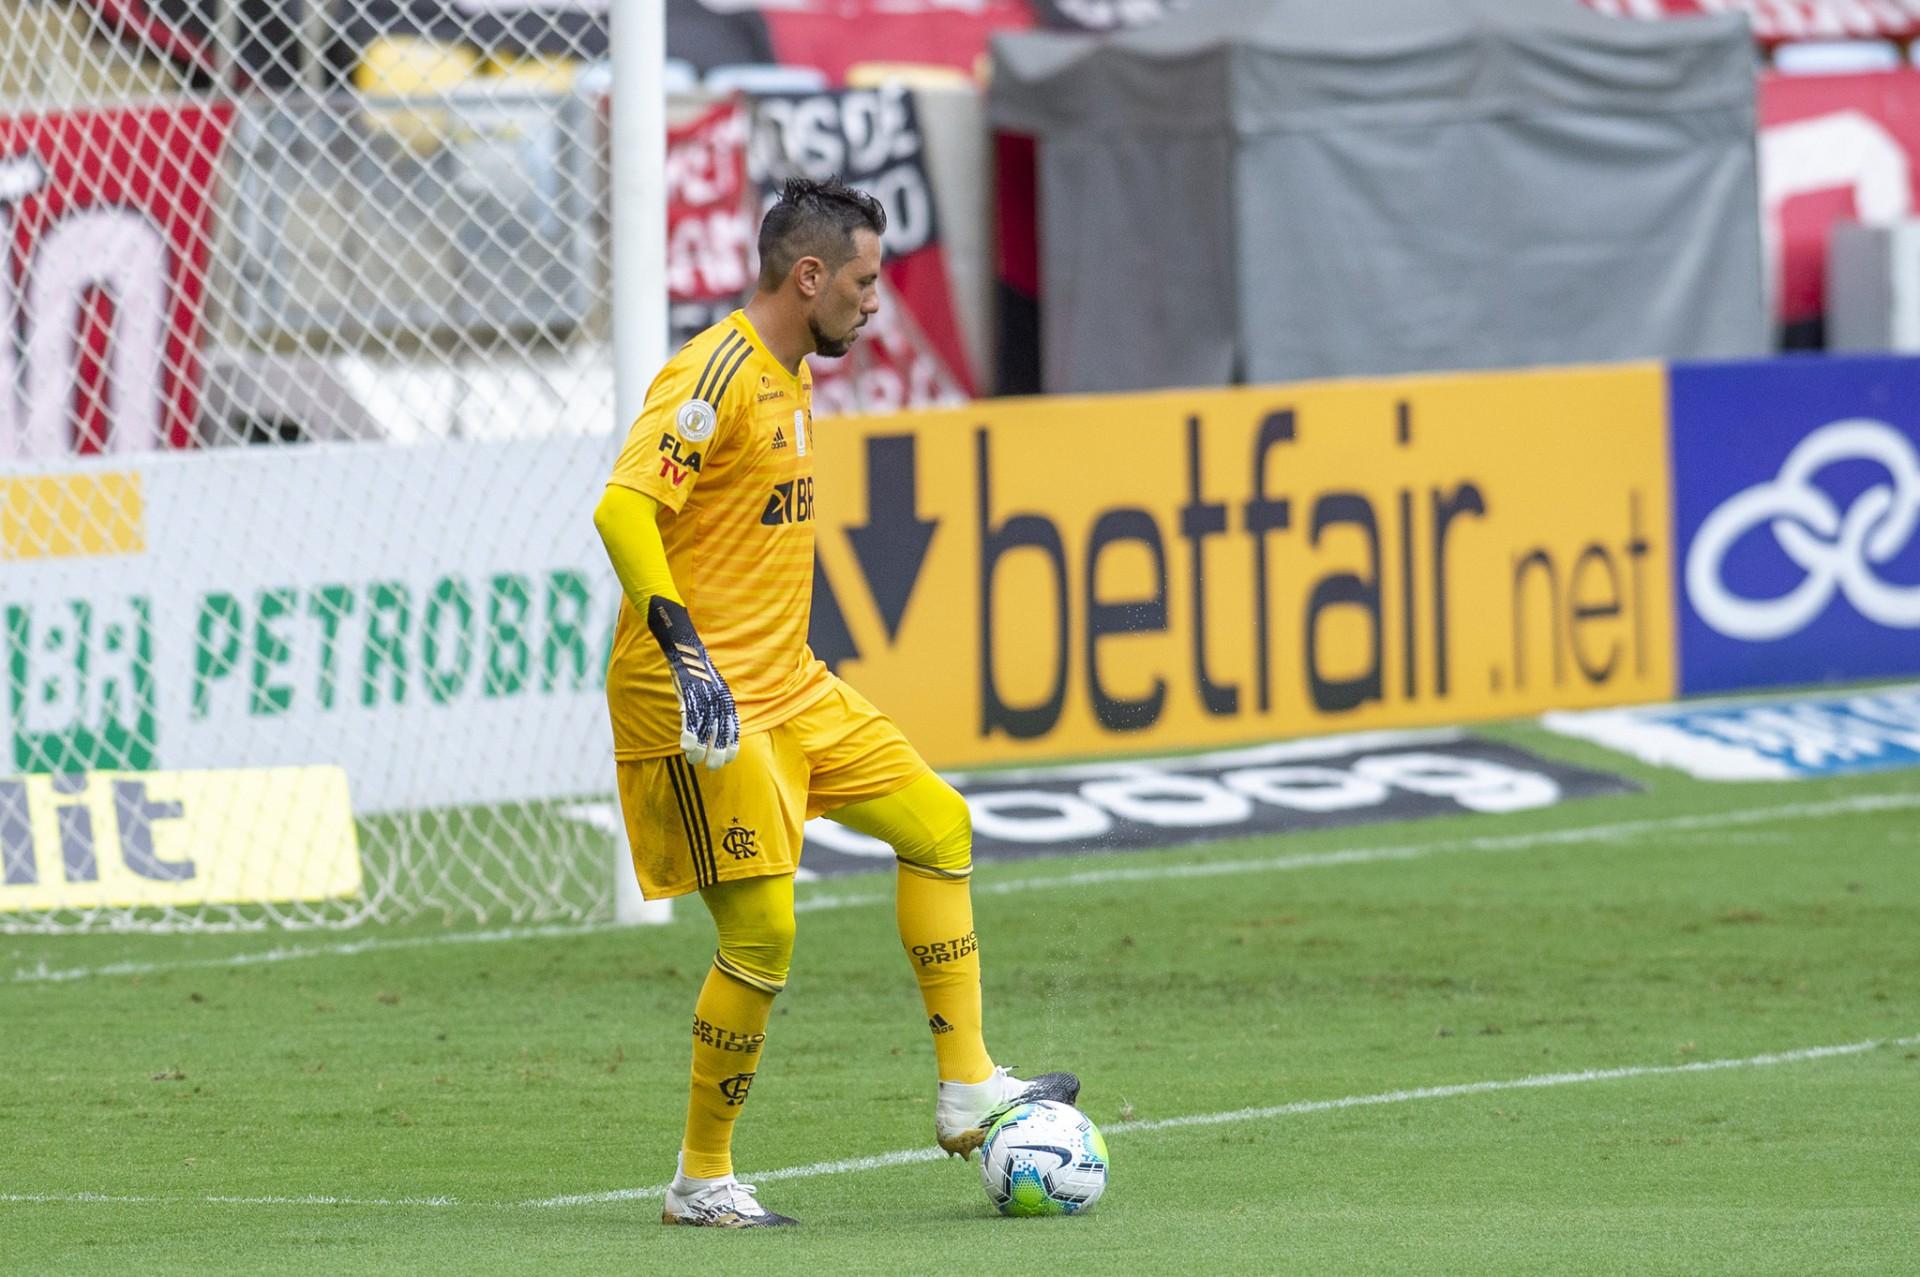 Goleiro Diego Alves durante o jogo Flamengo x Santos, no Maracanã, pela Série A do Campeonato Brasileiro